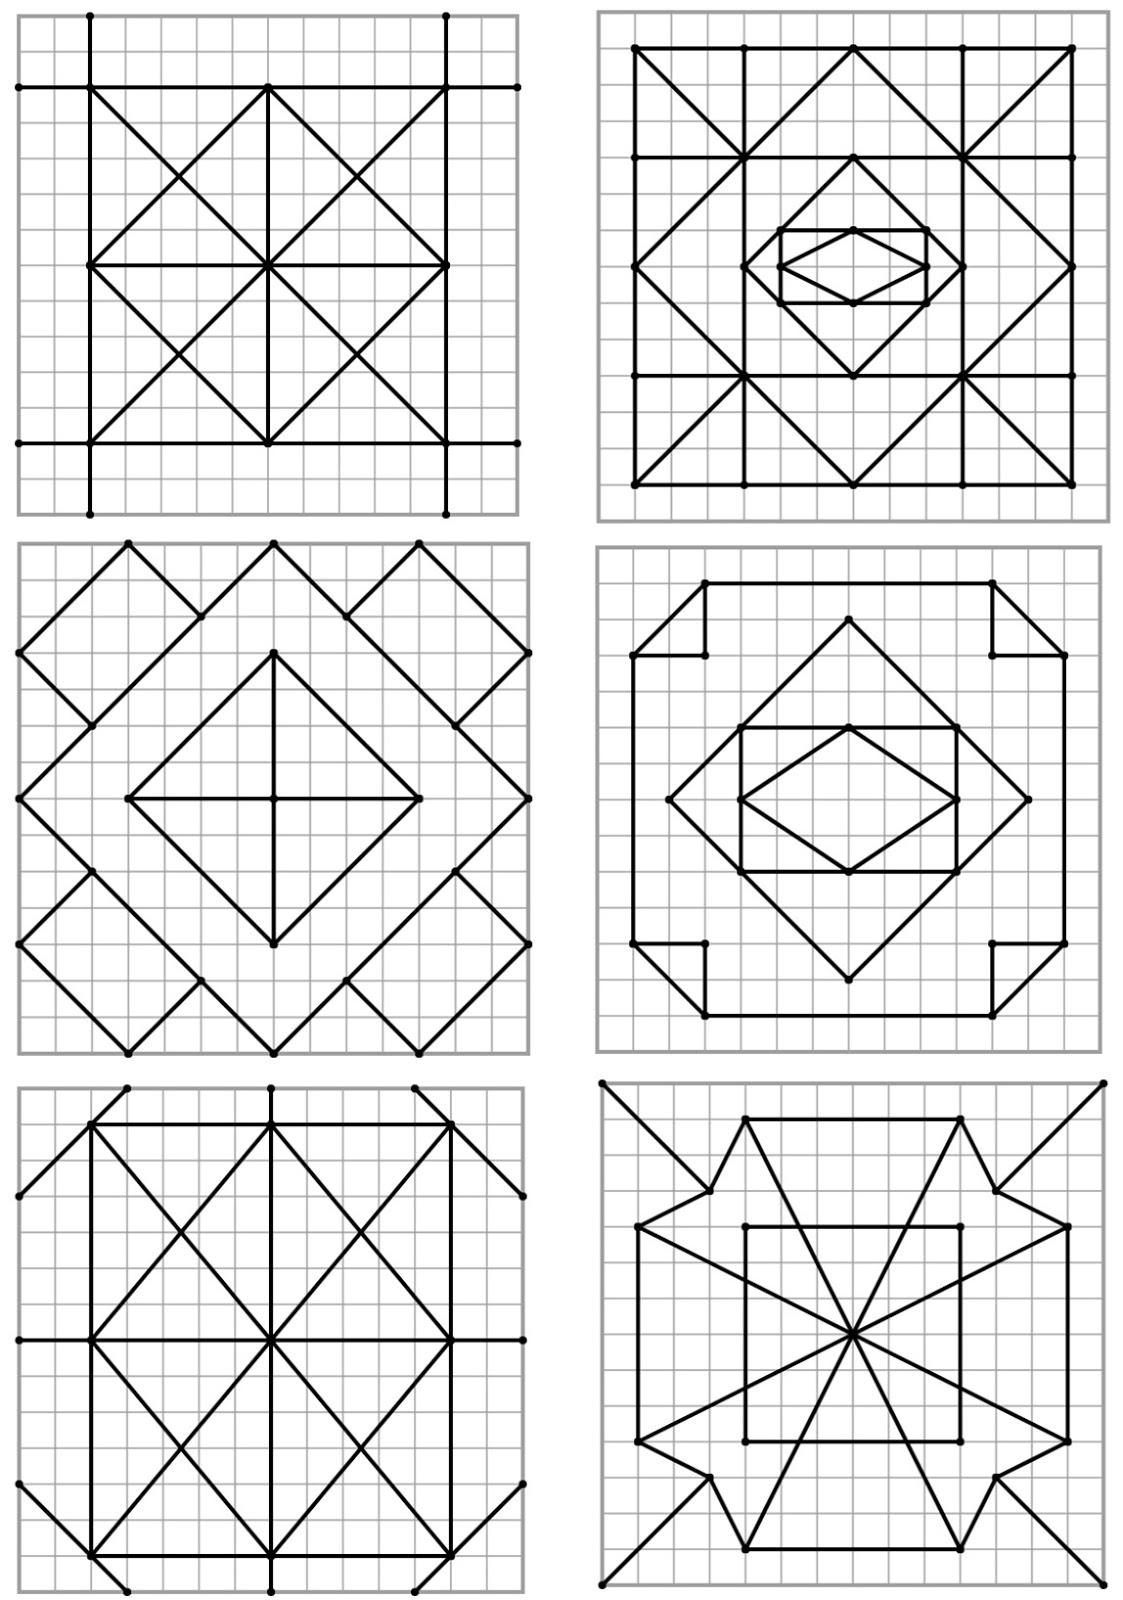 Remue Méninge: Reproduction De Figures Géométriques pour Reproduction Sur Quadrillage Ce2